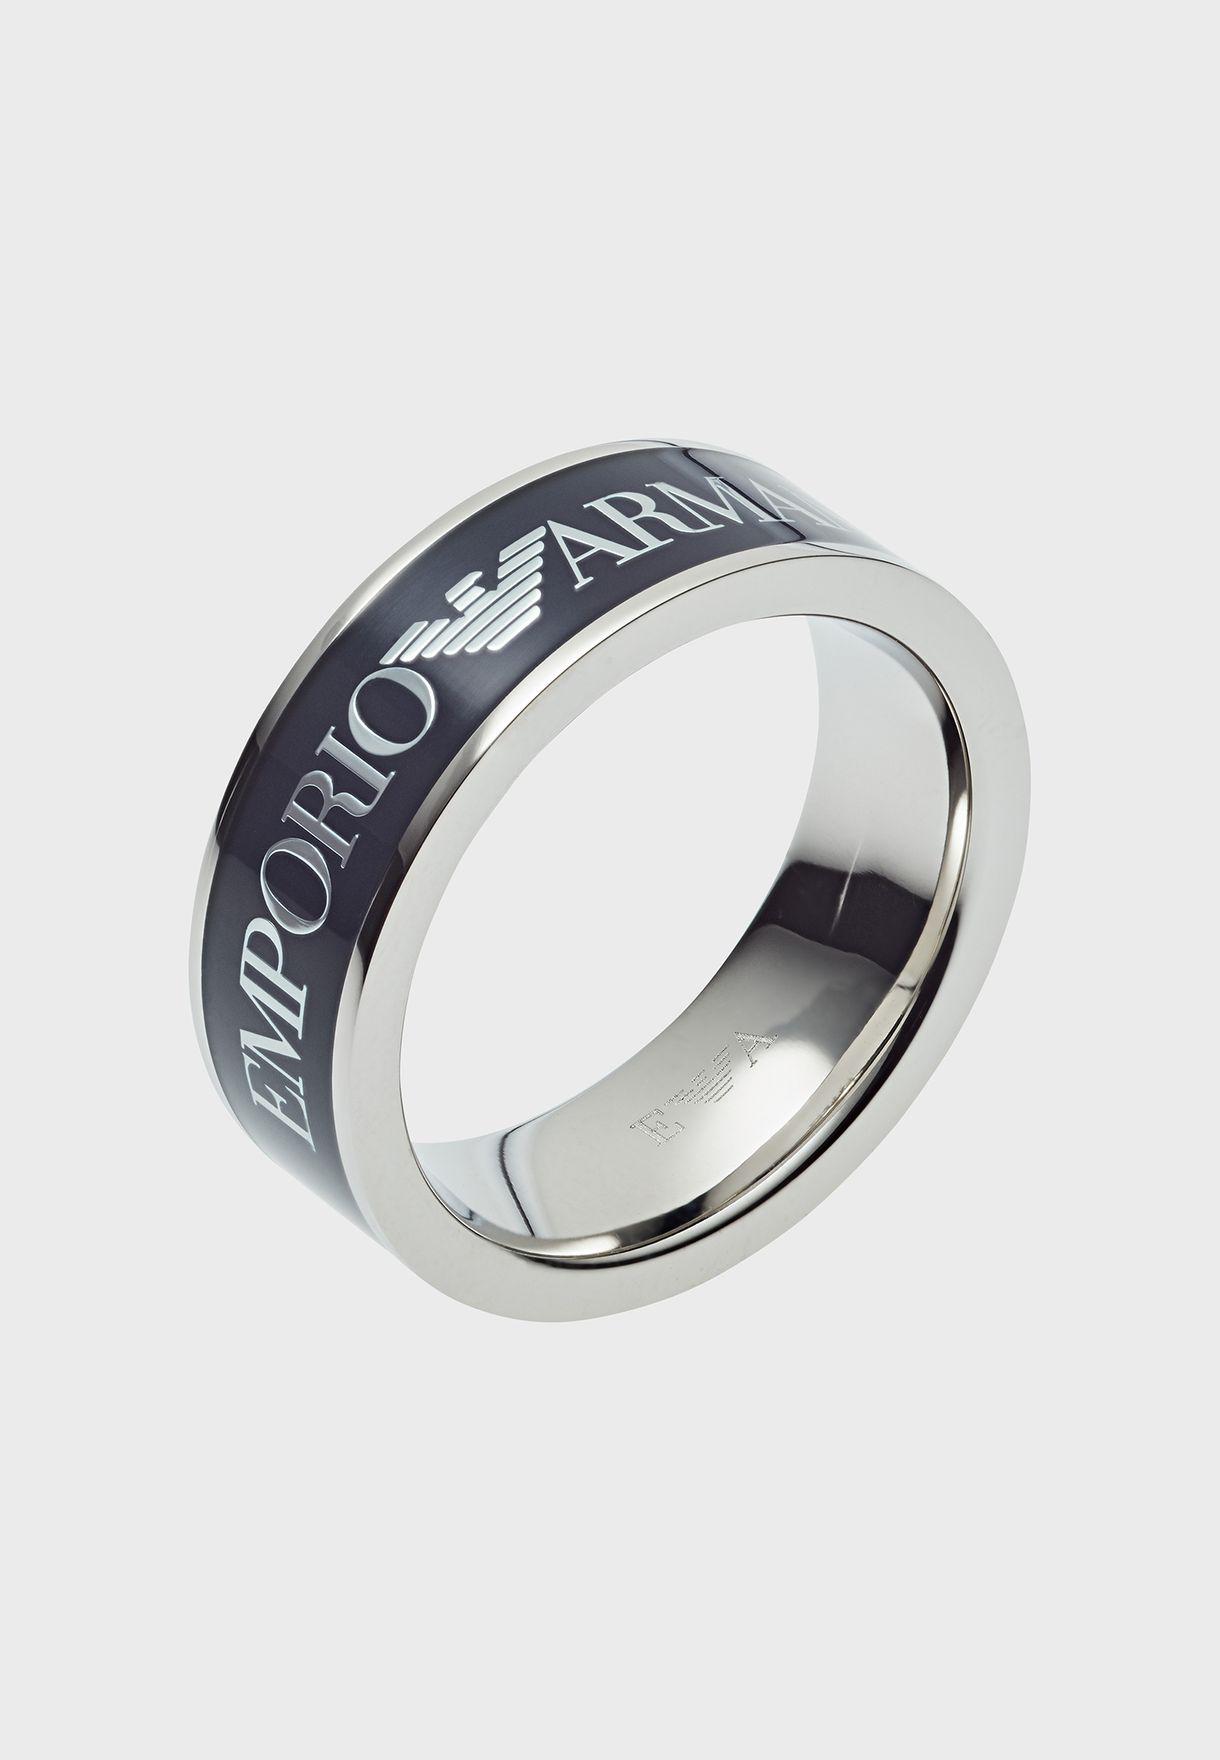 خاتم مزين بشعار الماركة